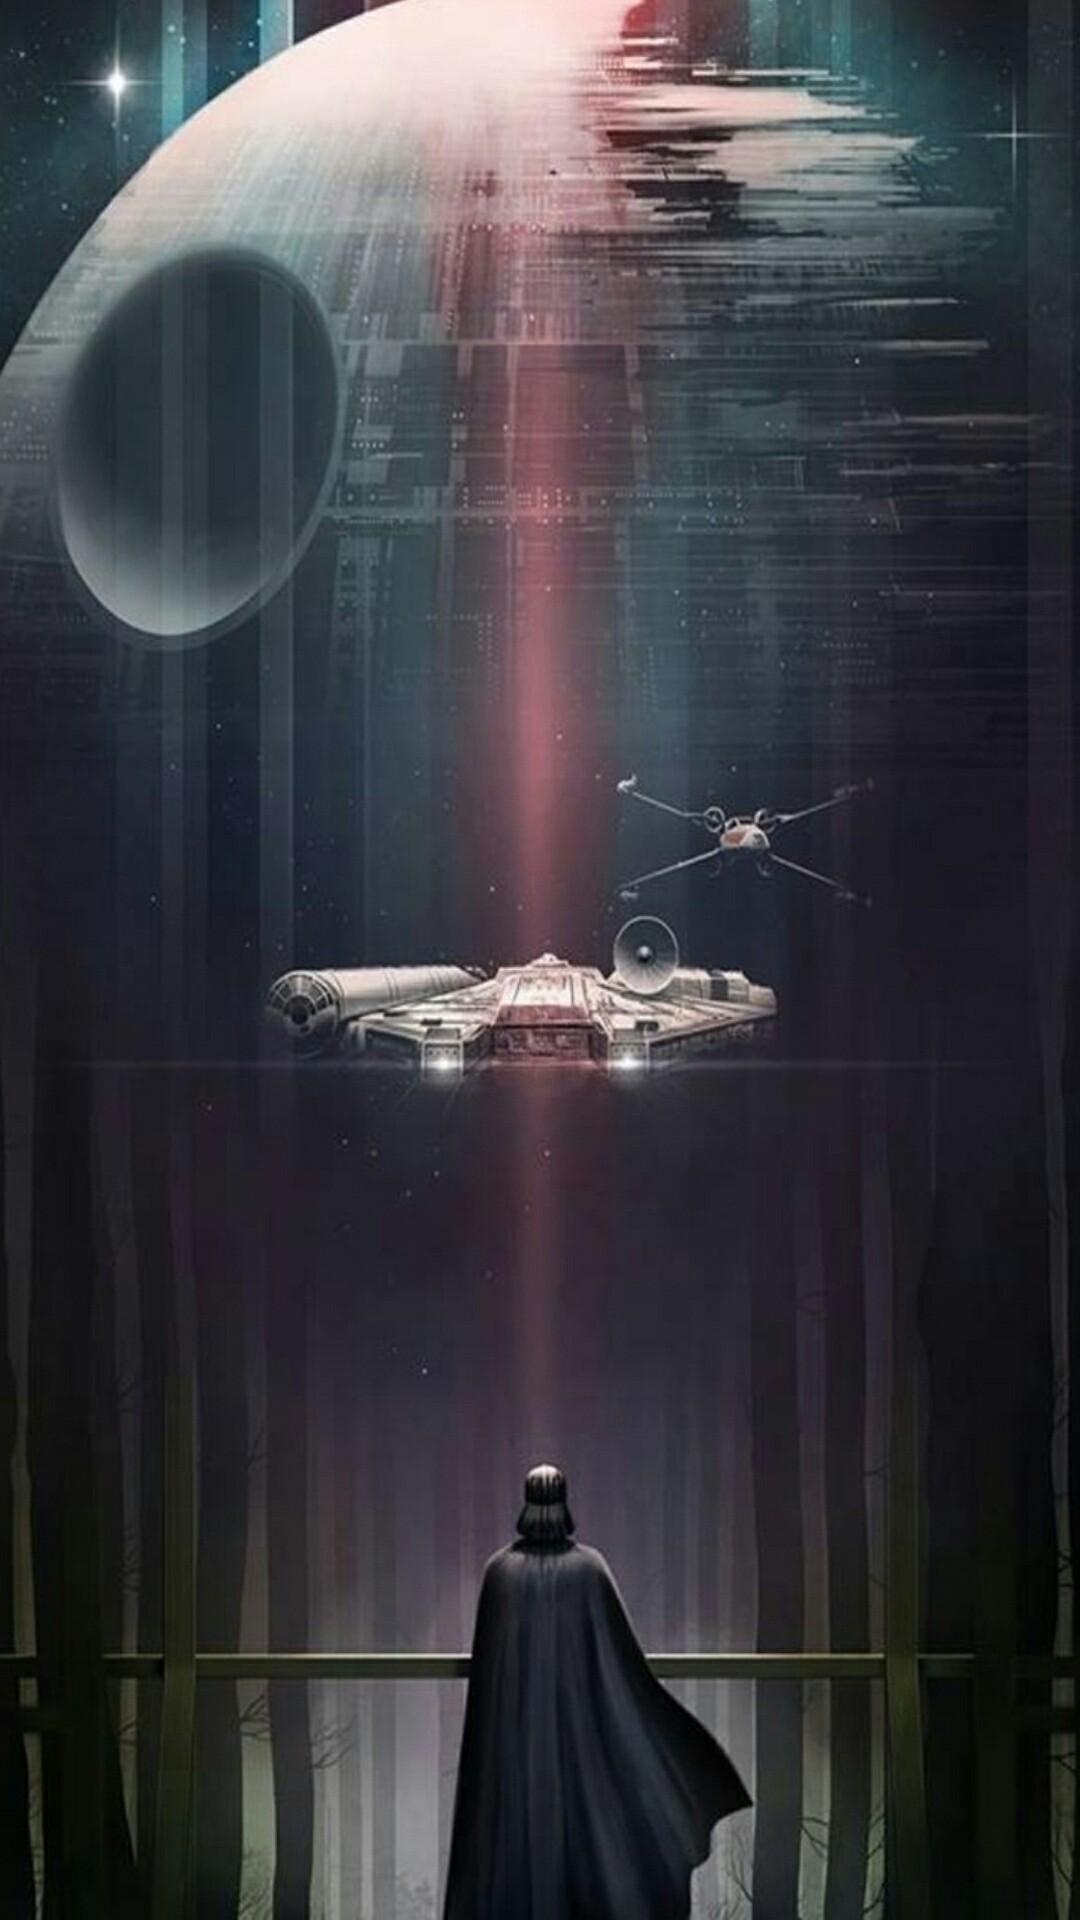 1080x1920 Star Wars Wallpaper Data Id 124173 Data Star Wars Wallpaper Phone 1080x1920 Wallpaper Teahub Io